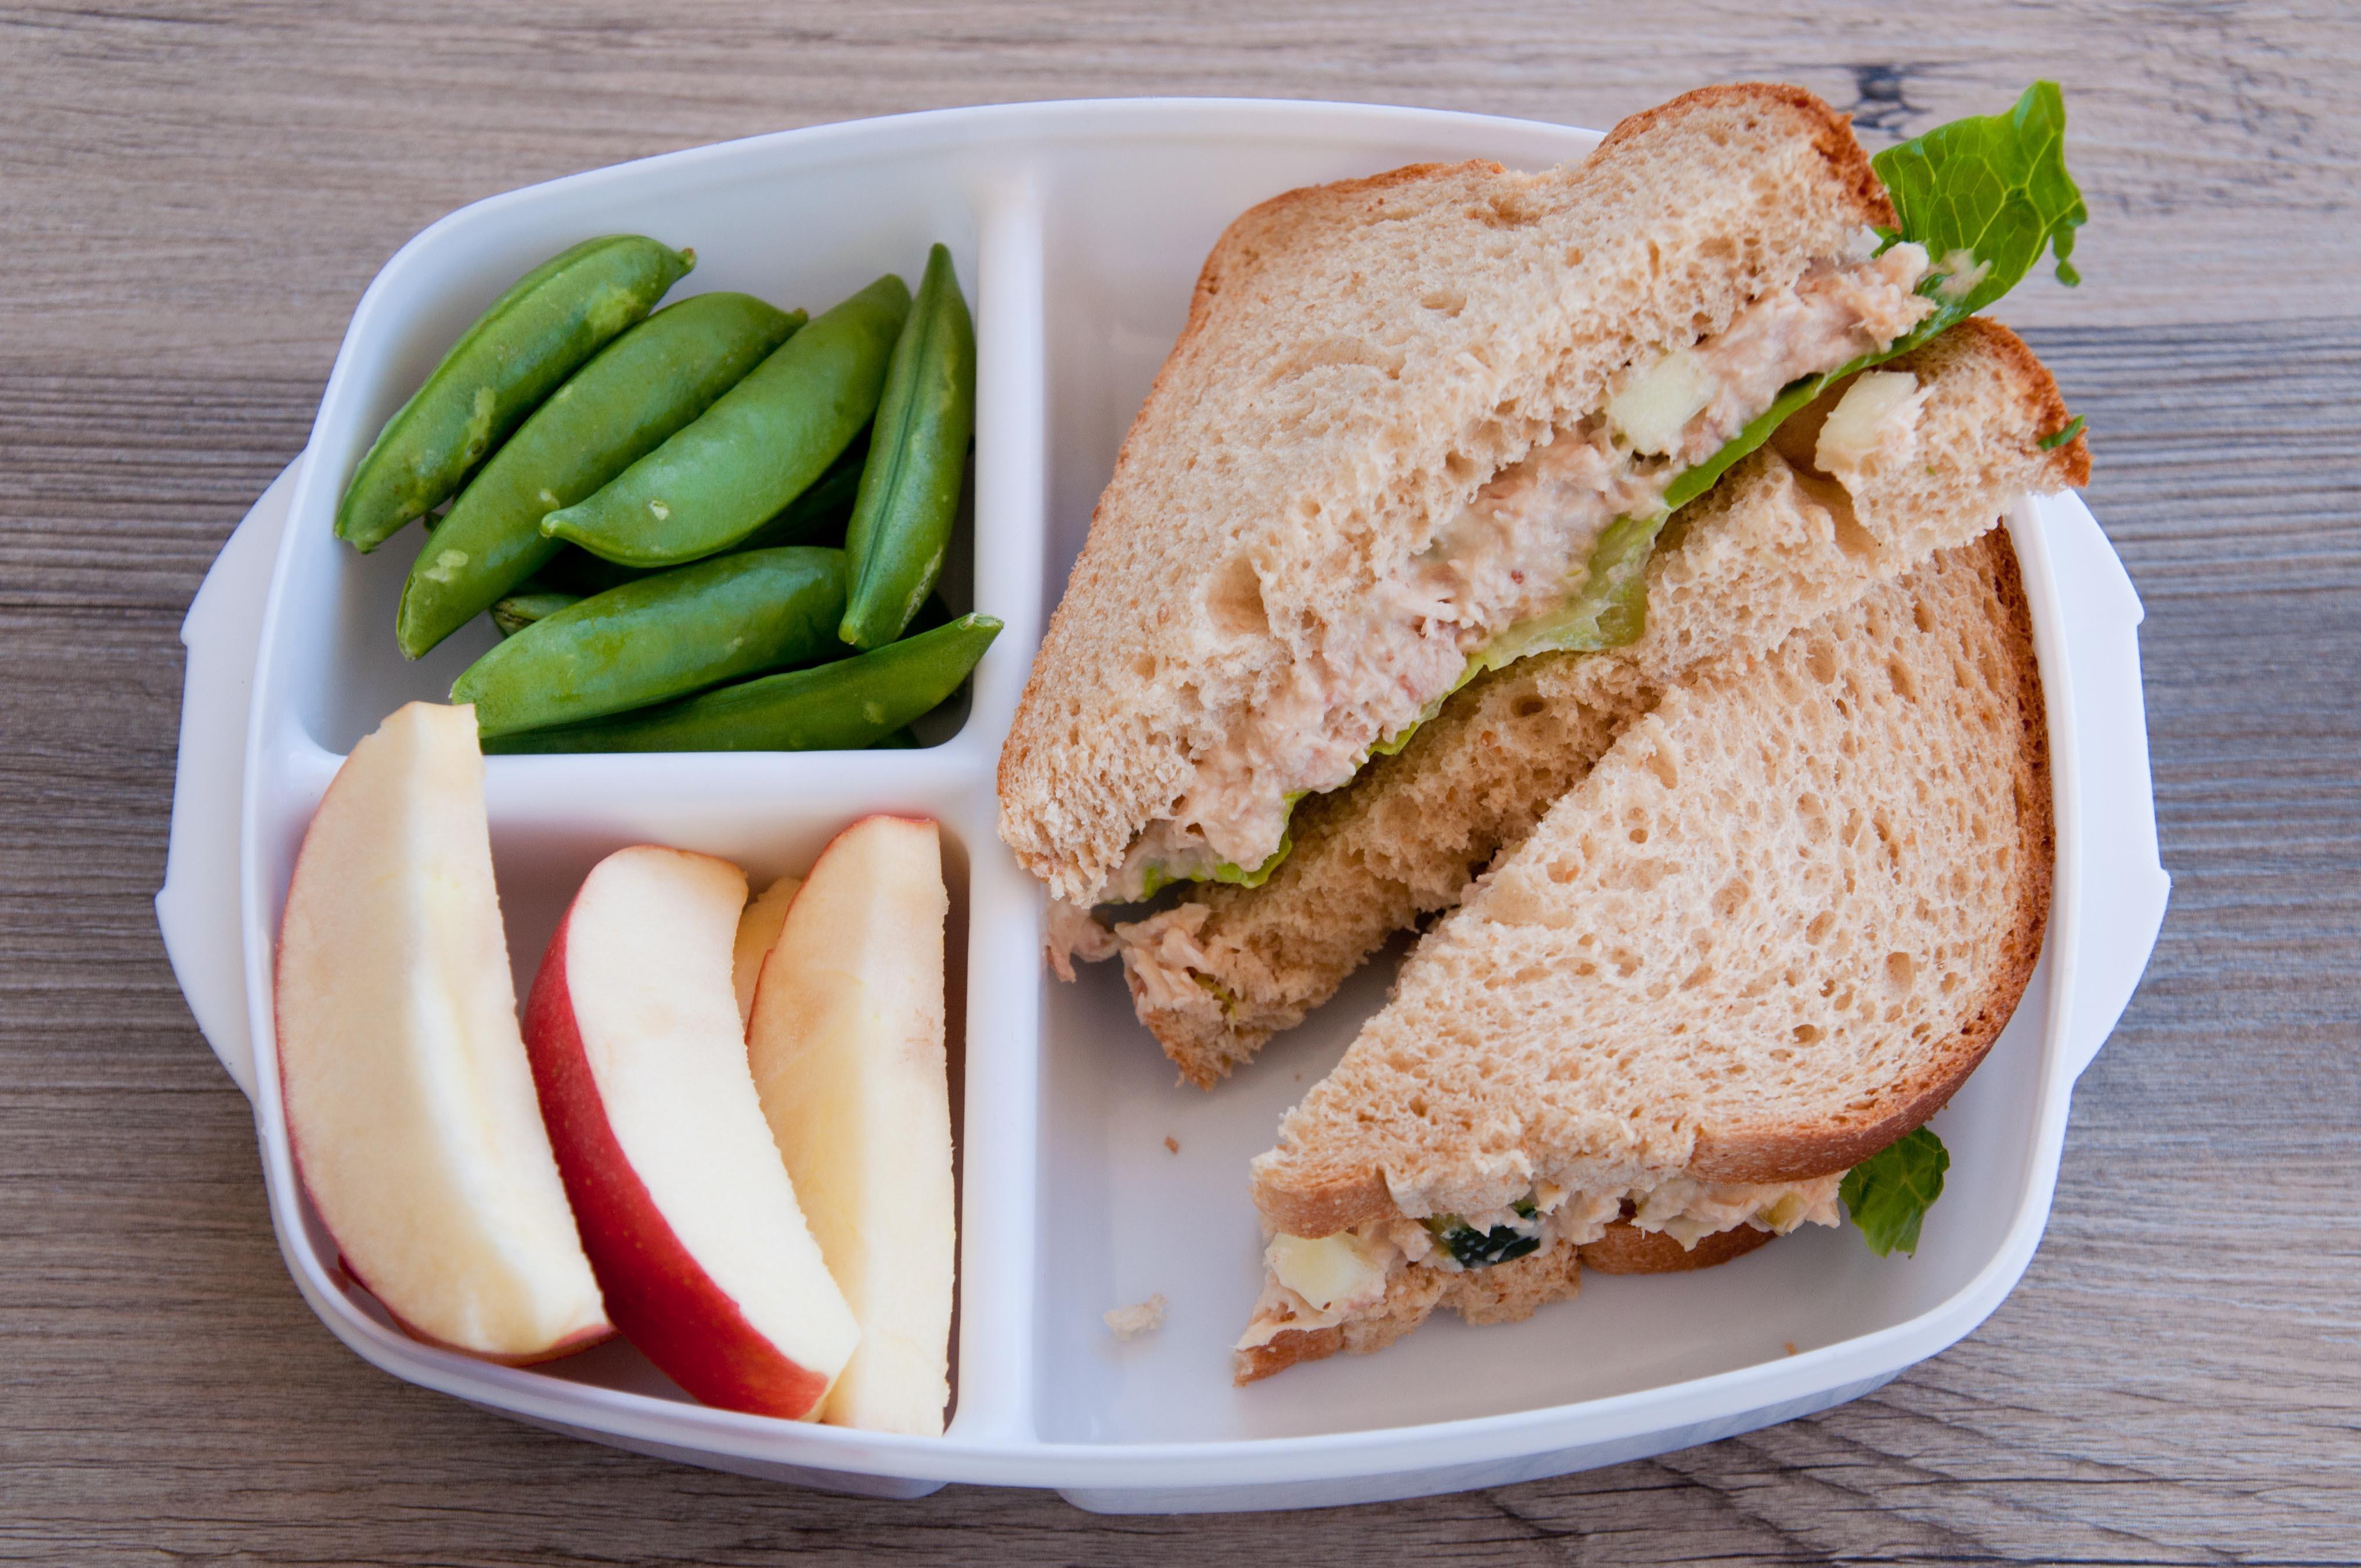 Tuna Sandwiches Healthy  Tuna Salad Sandwich